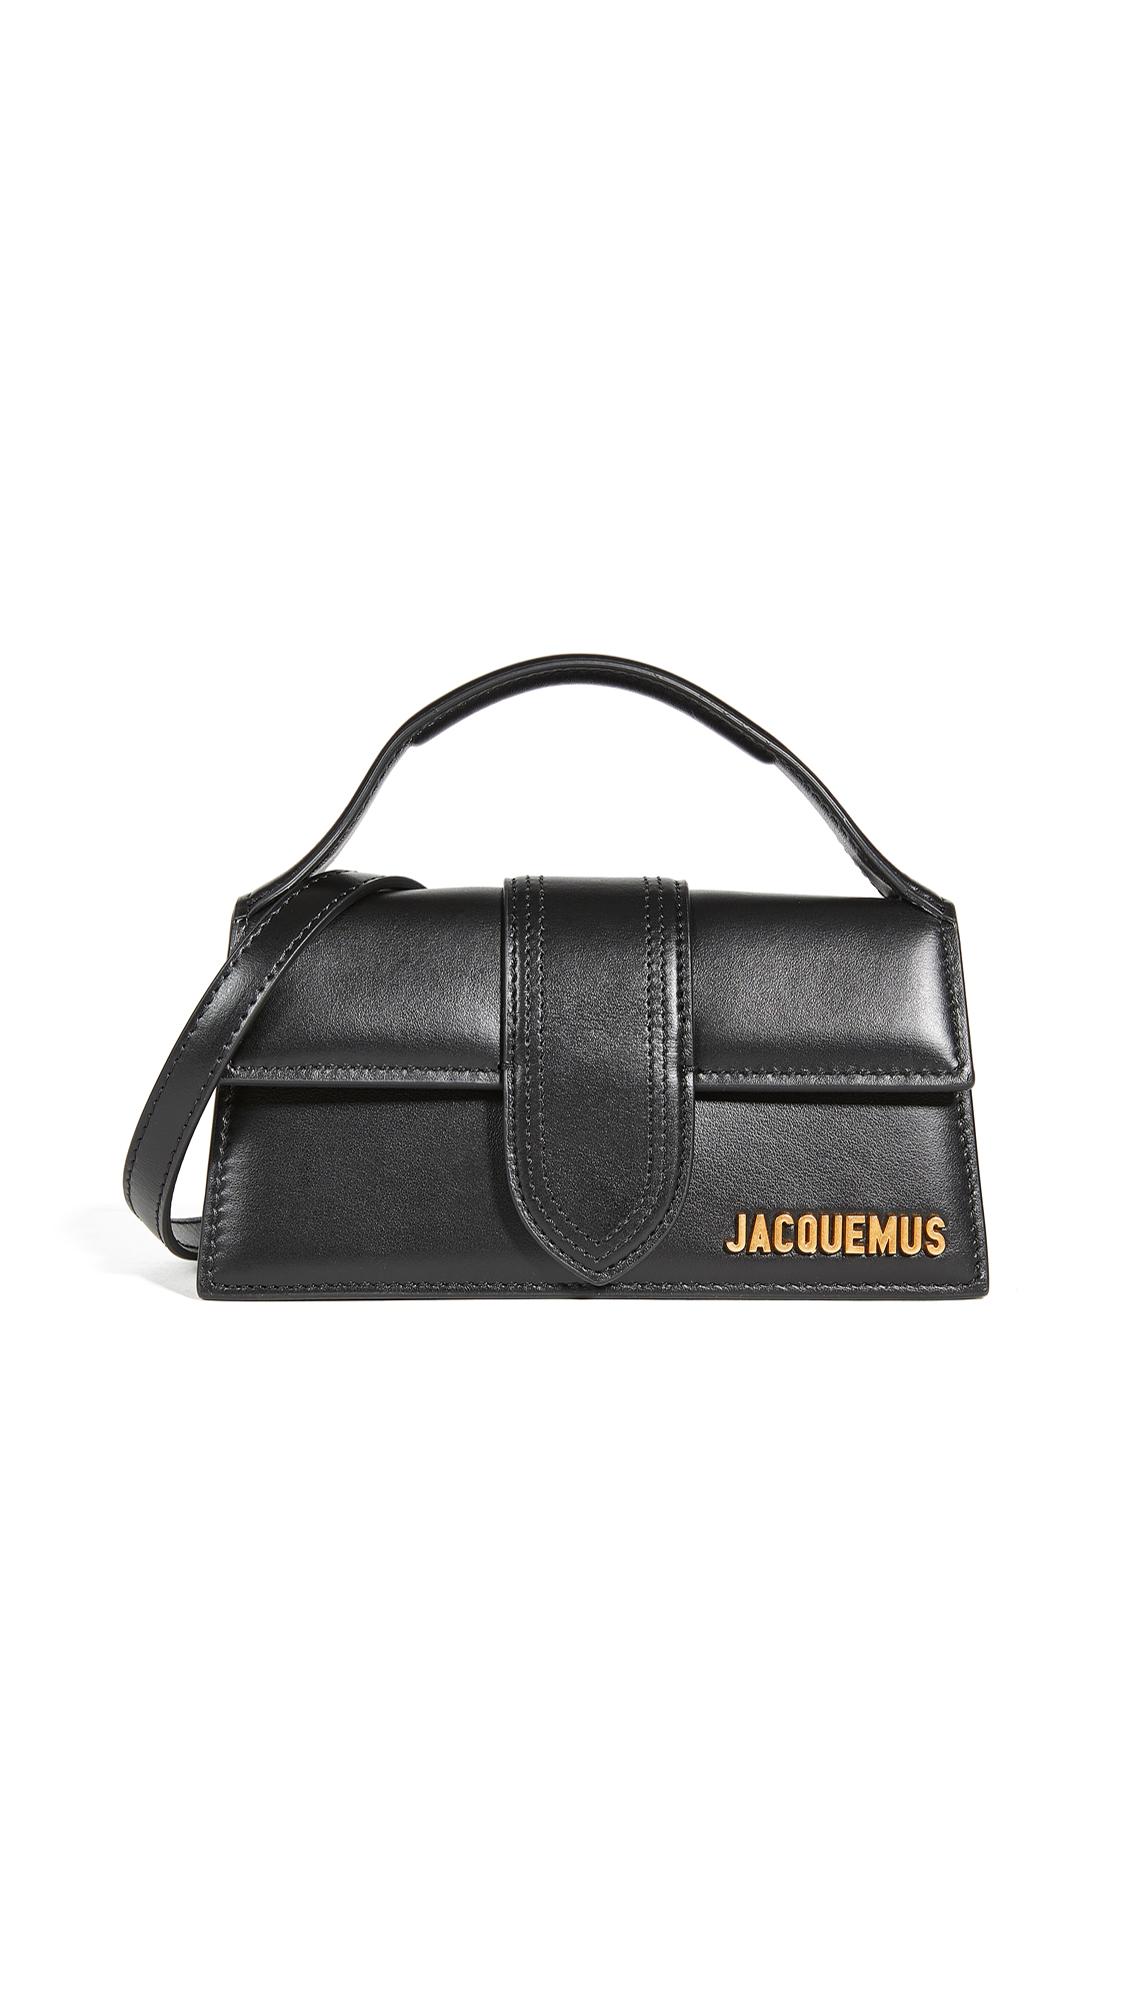 Jacquemus Le Bambino Bag